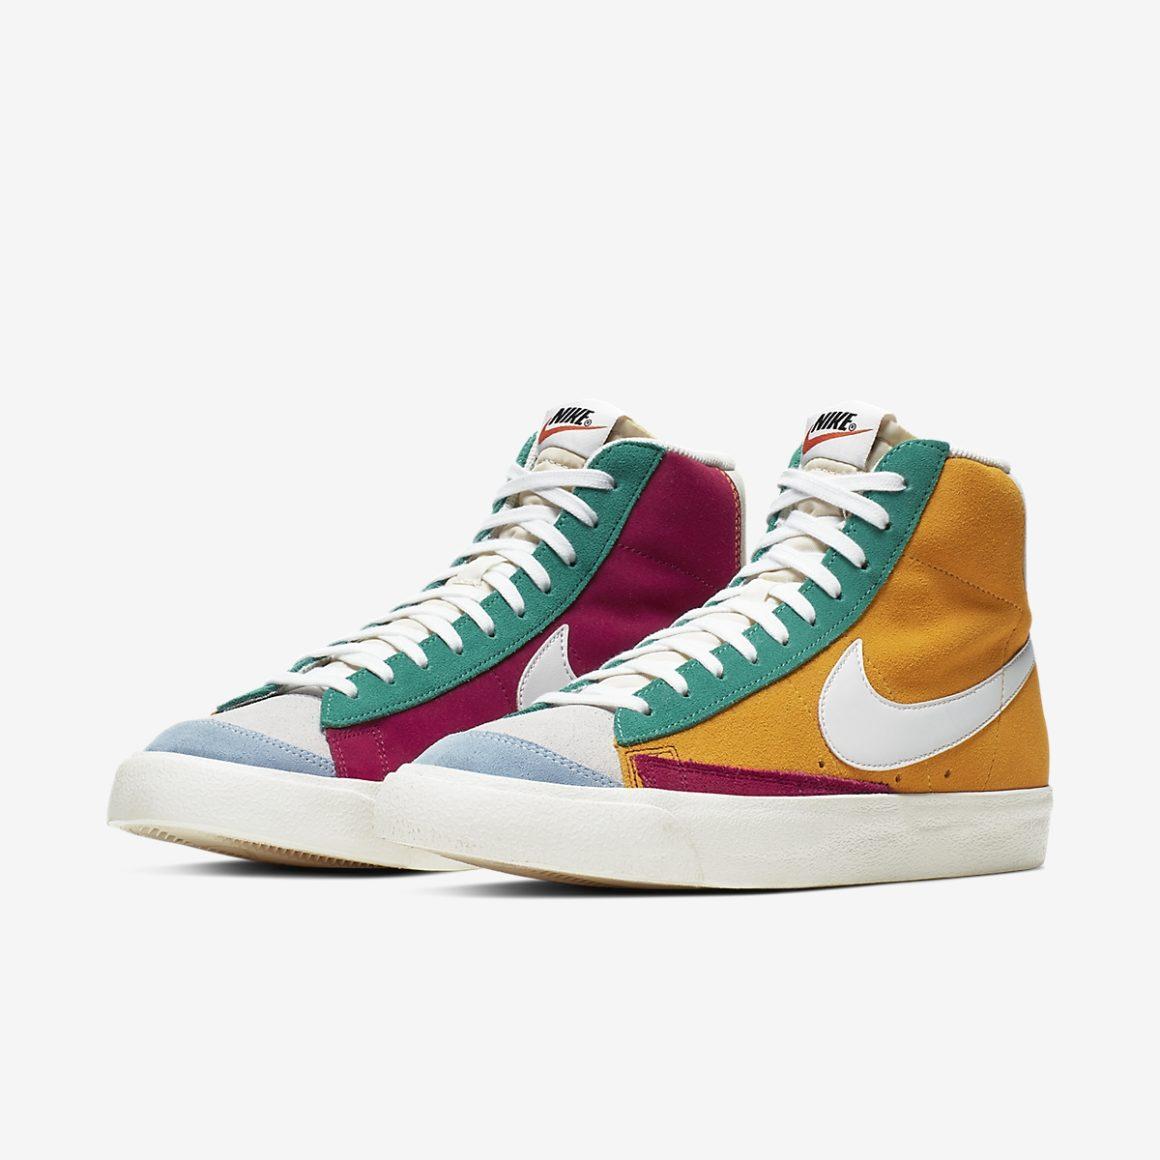 Nike Blazer Mid 77 Vintage Suede Multicolor - Sneakers.fr